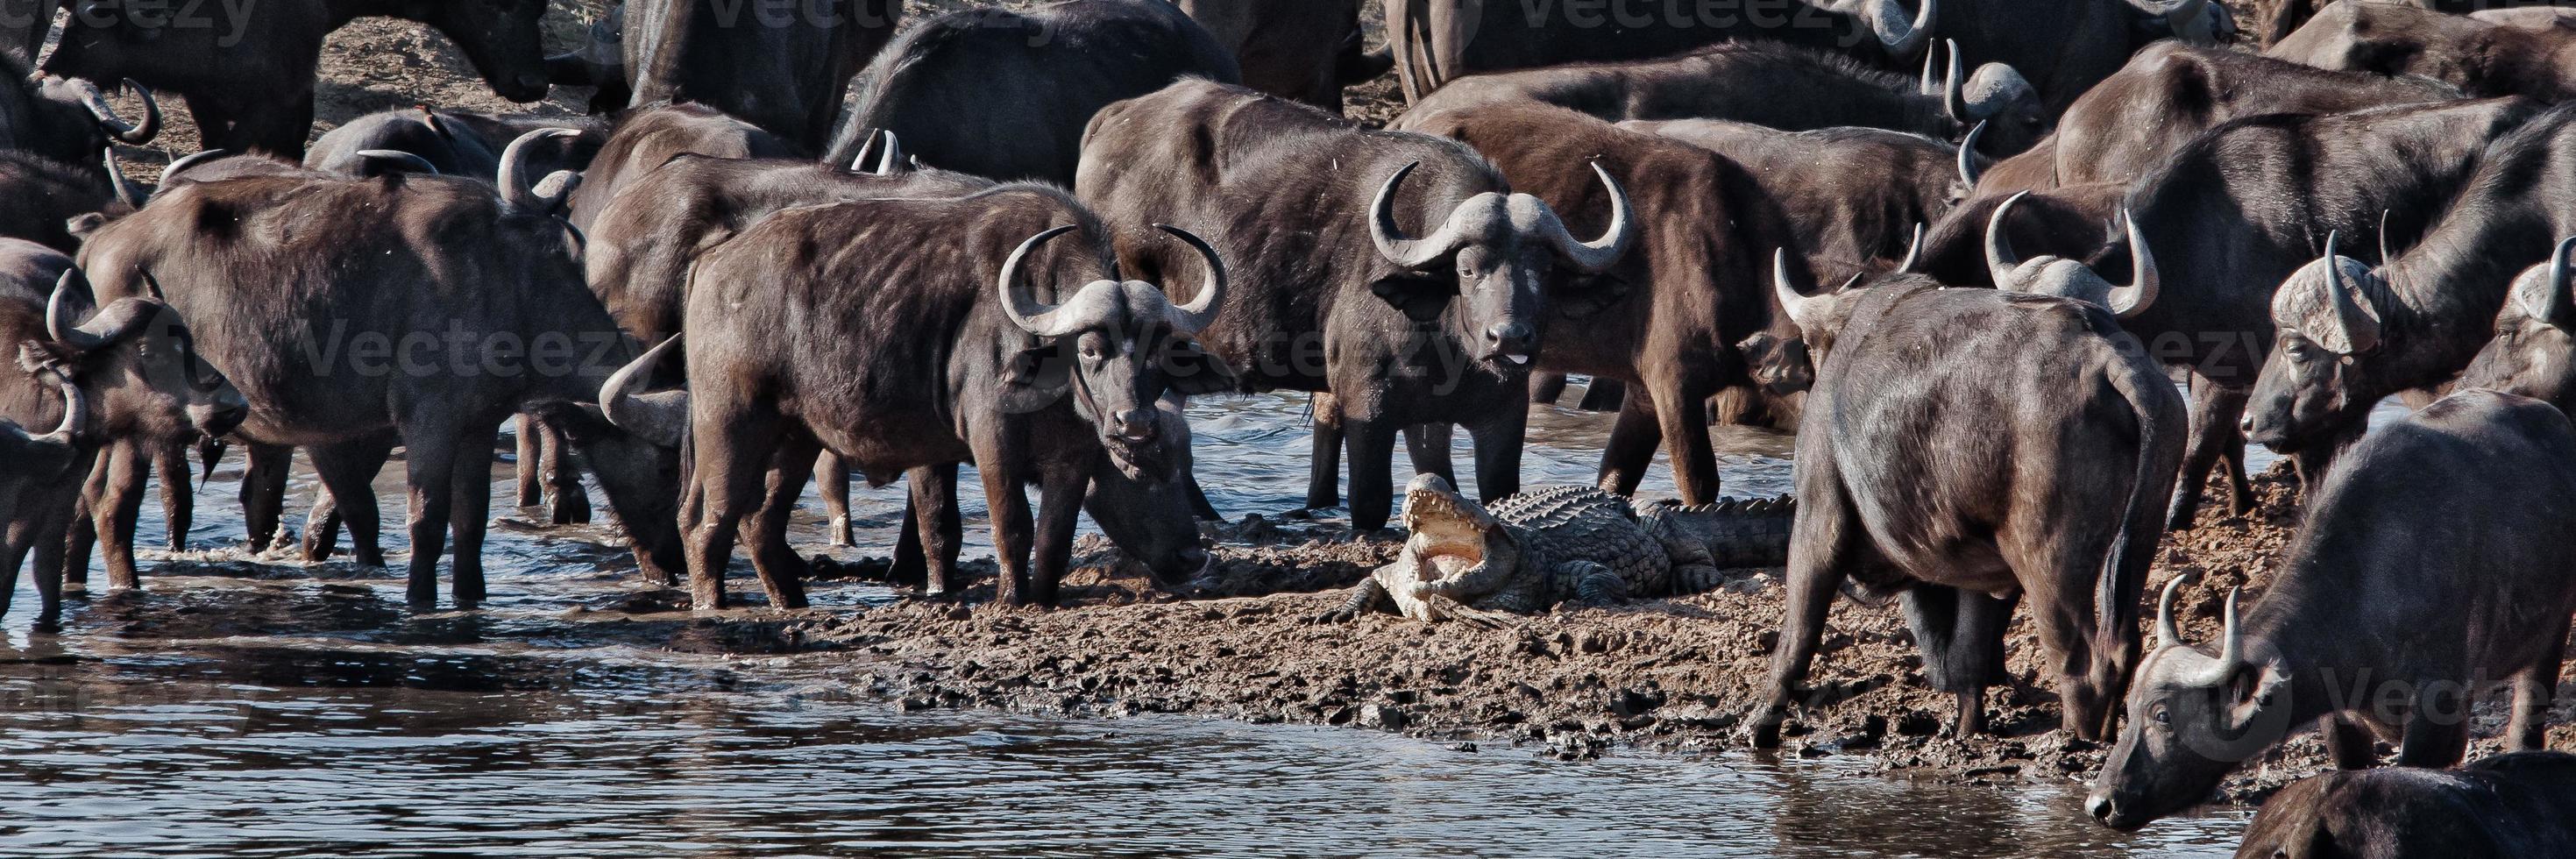 bufali vs coccodrillo foto